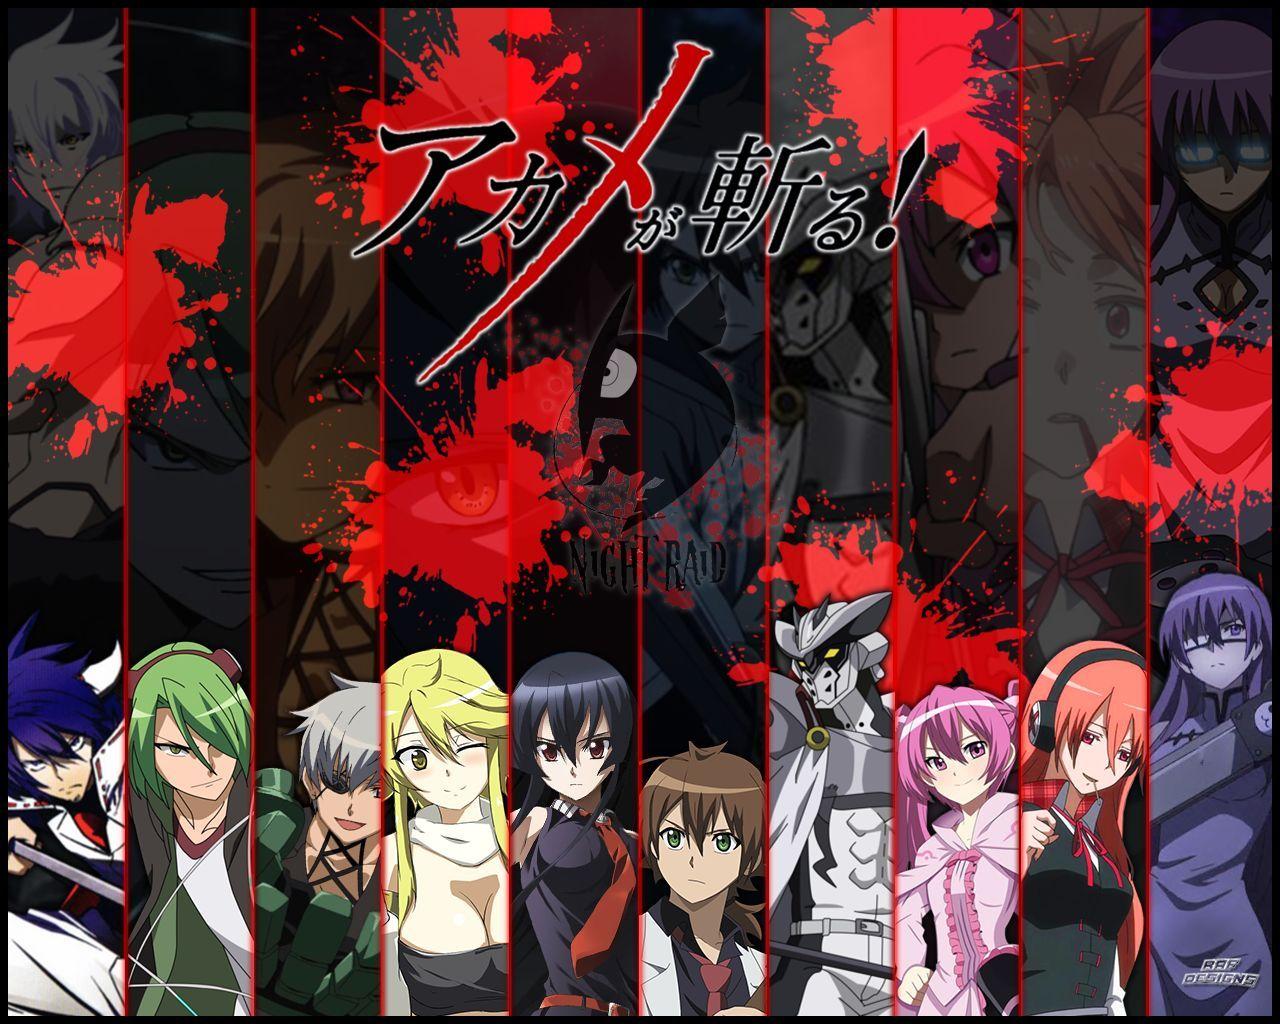 6150 - ¿Reconocerás a todos y cada uno de los miembros de Night Raid? (Akame Ga Kill)